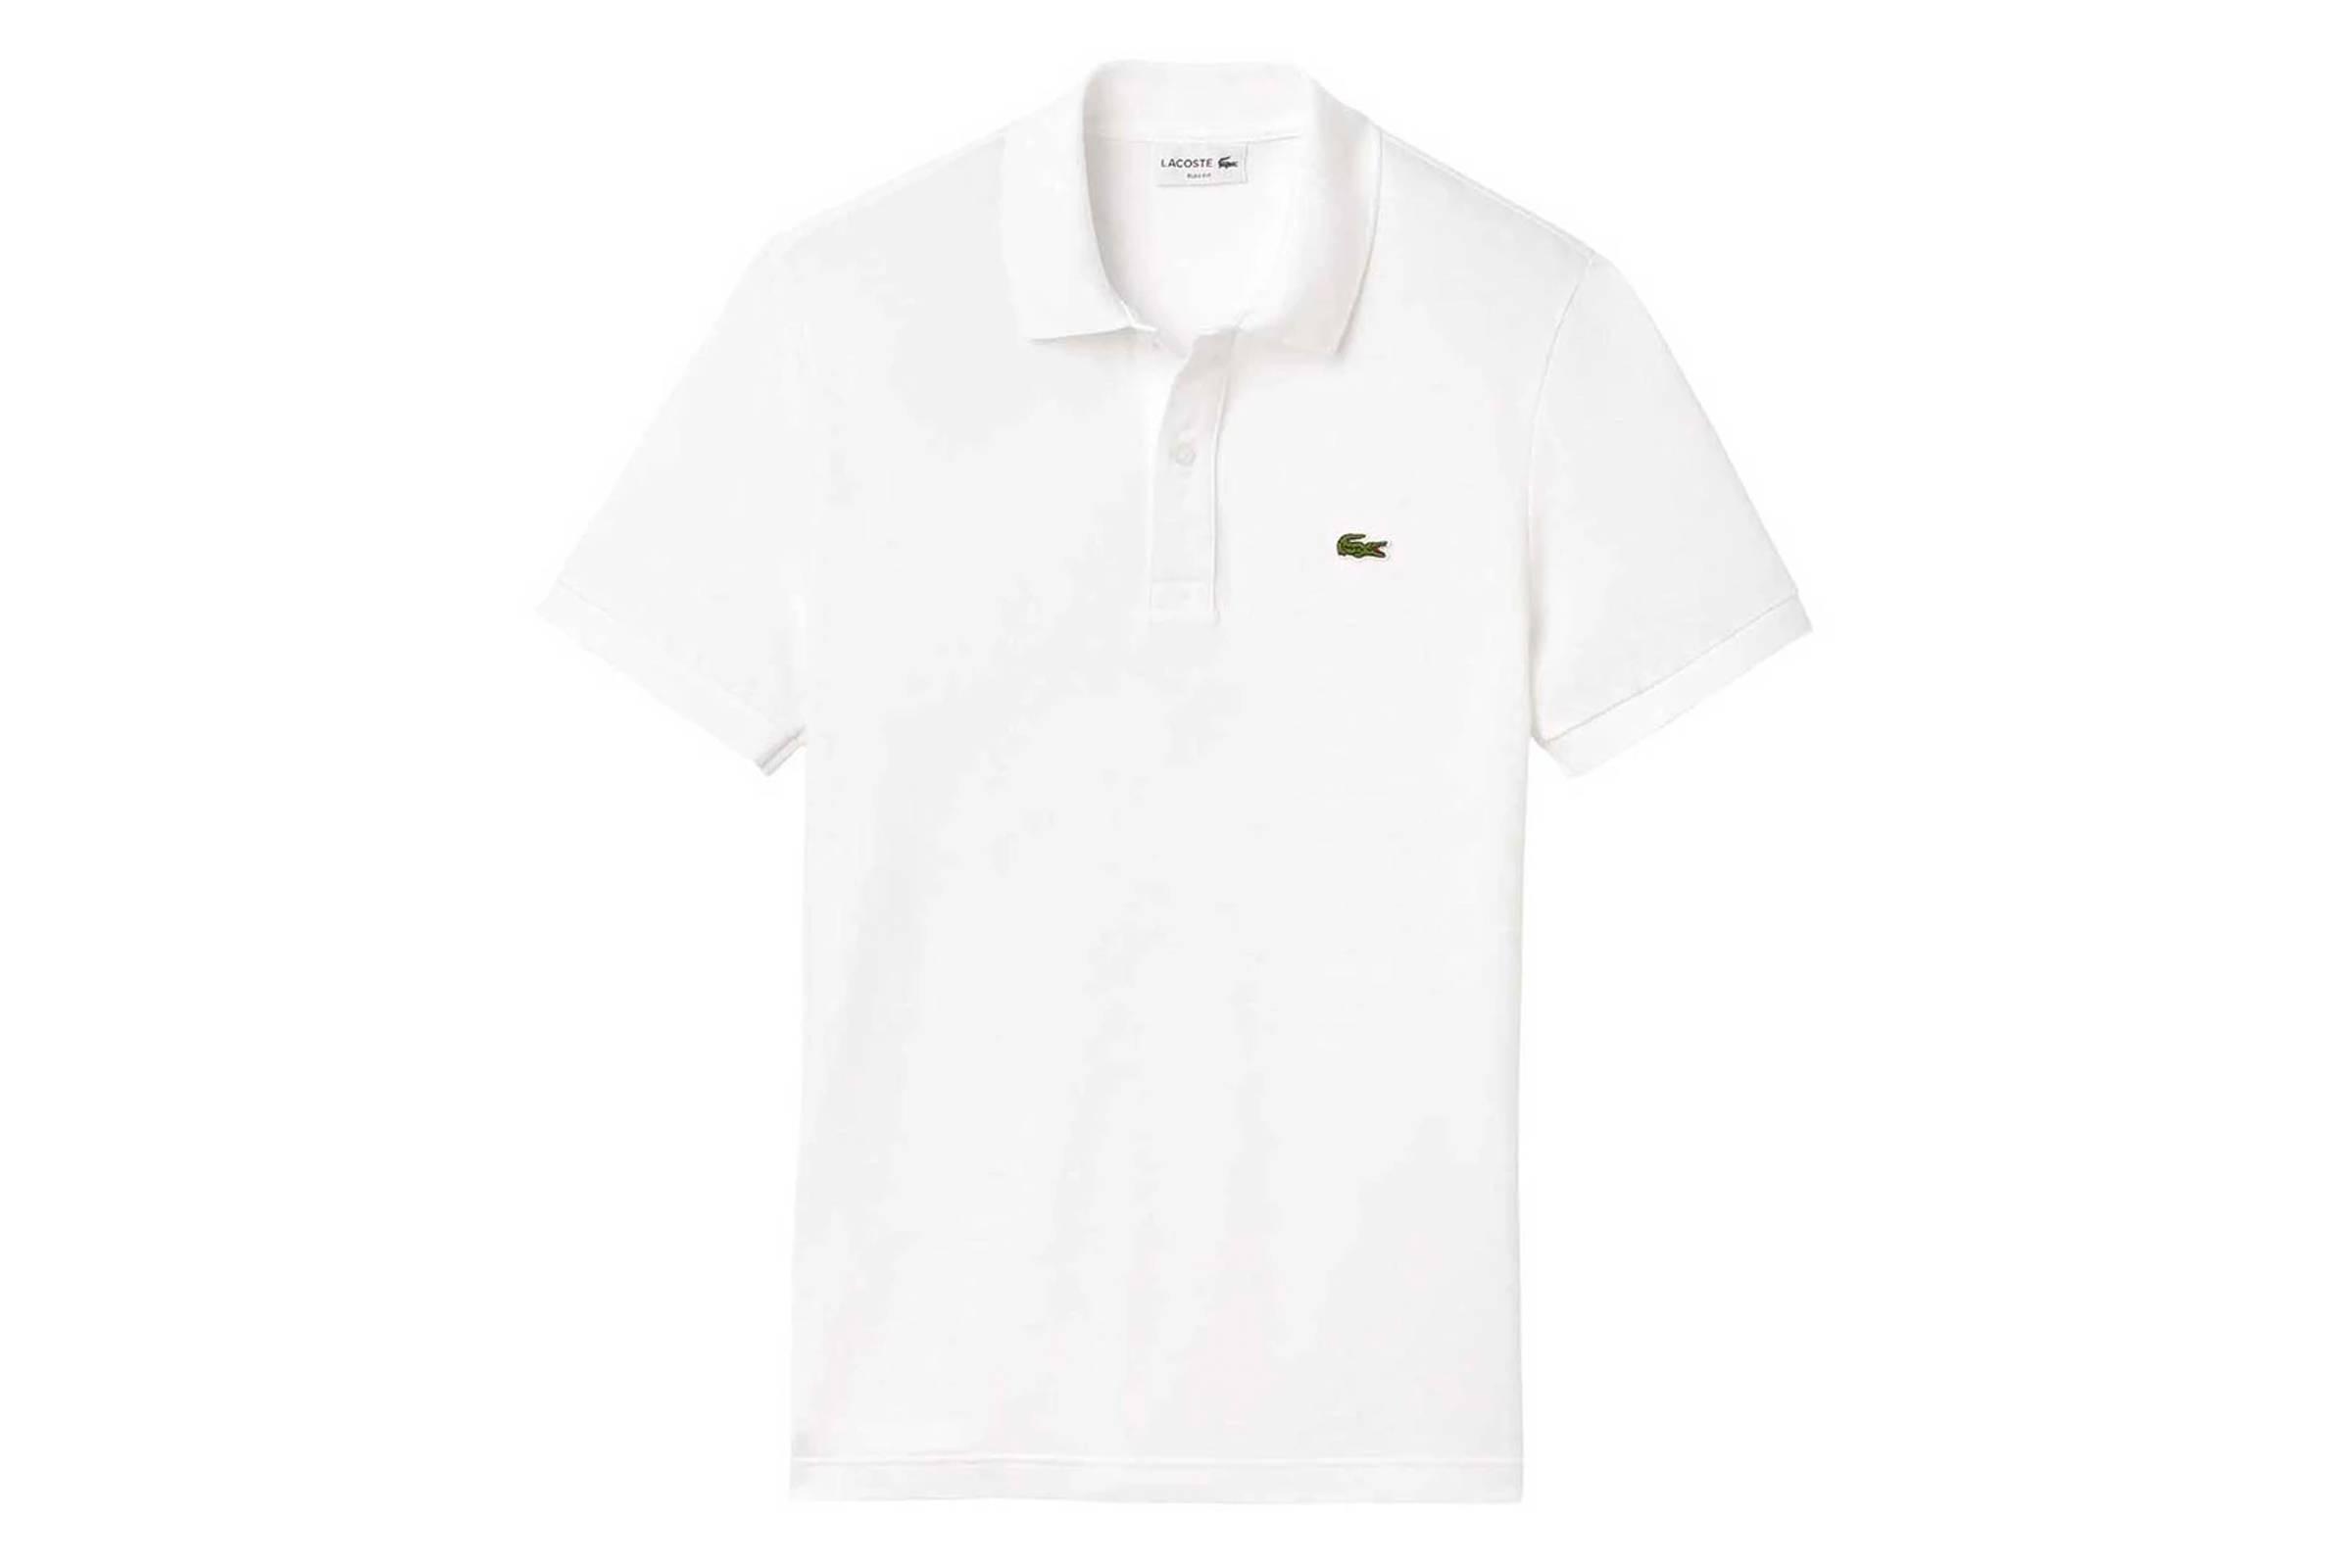 Lacoste Original Polo Shirt